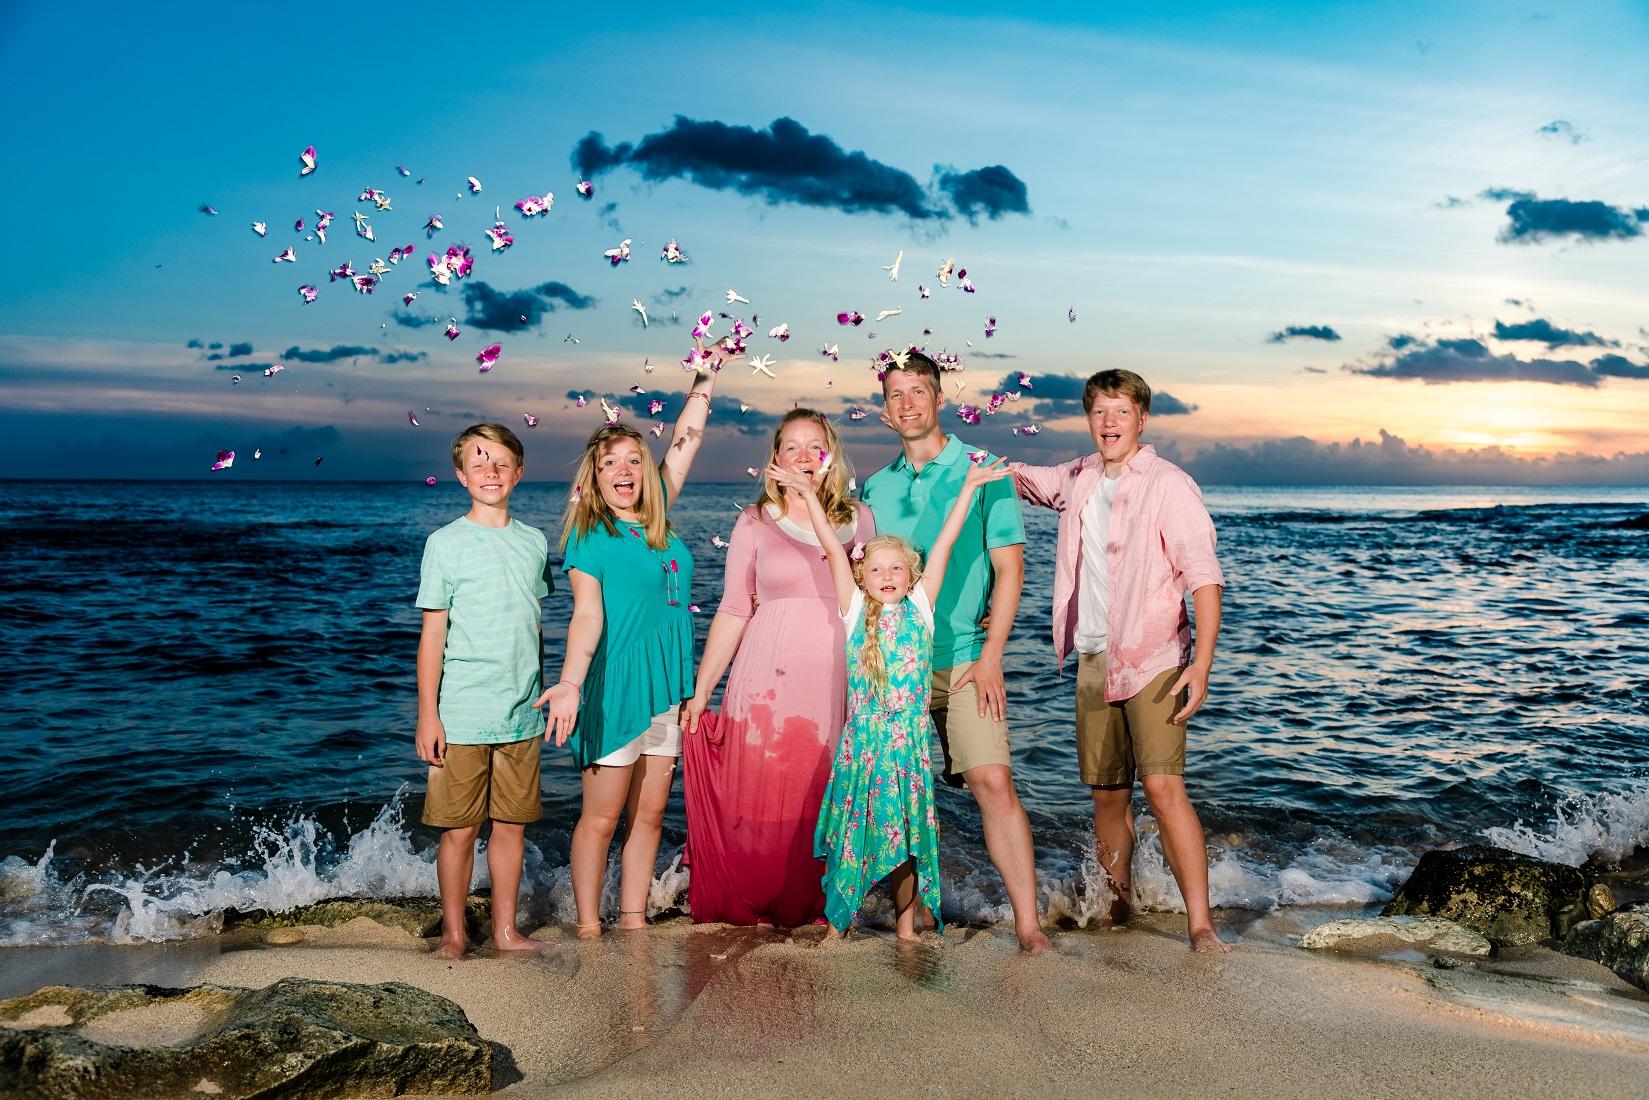 sunset beach family portrait flying flowers